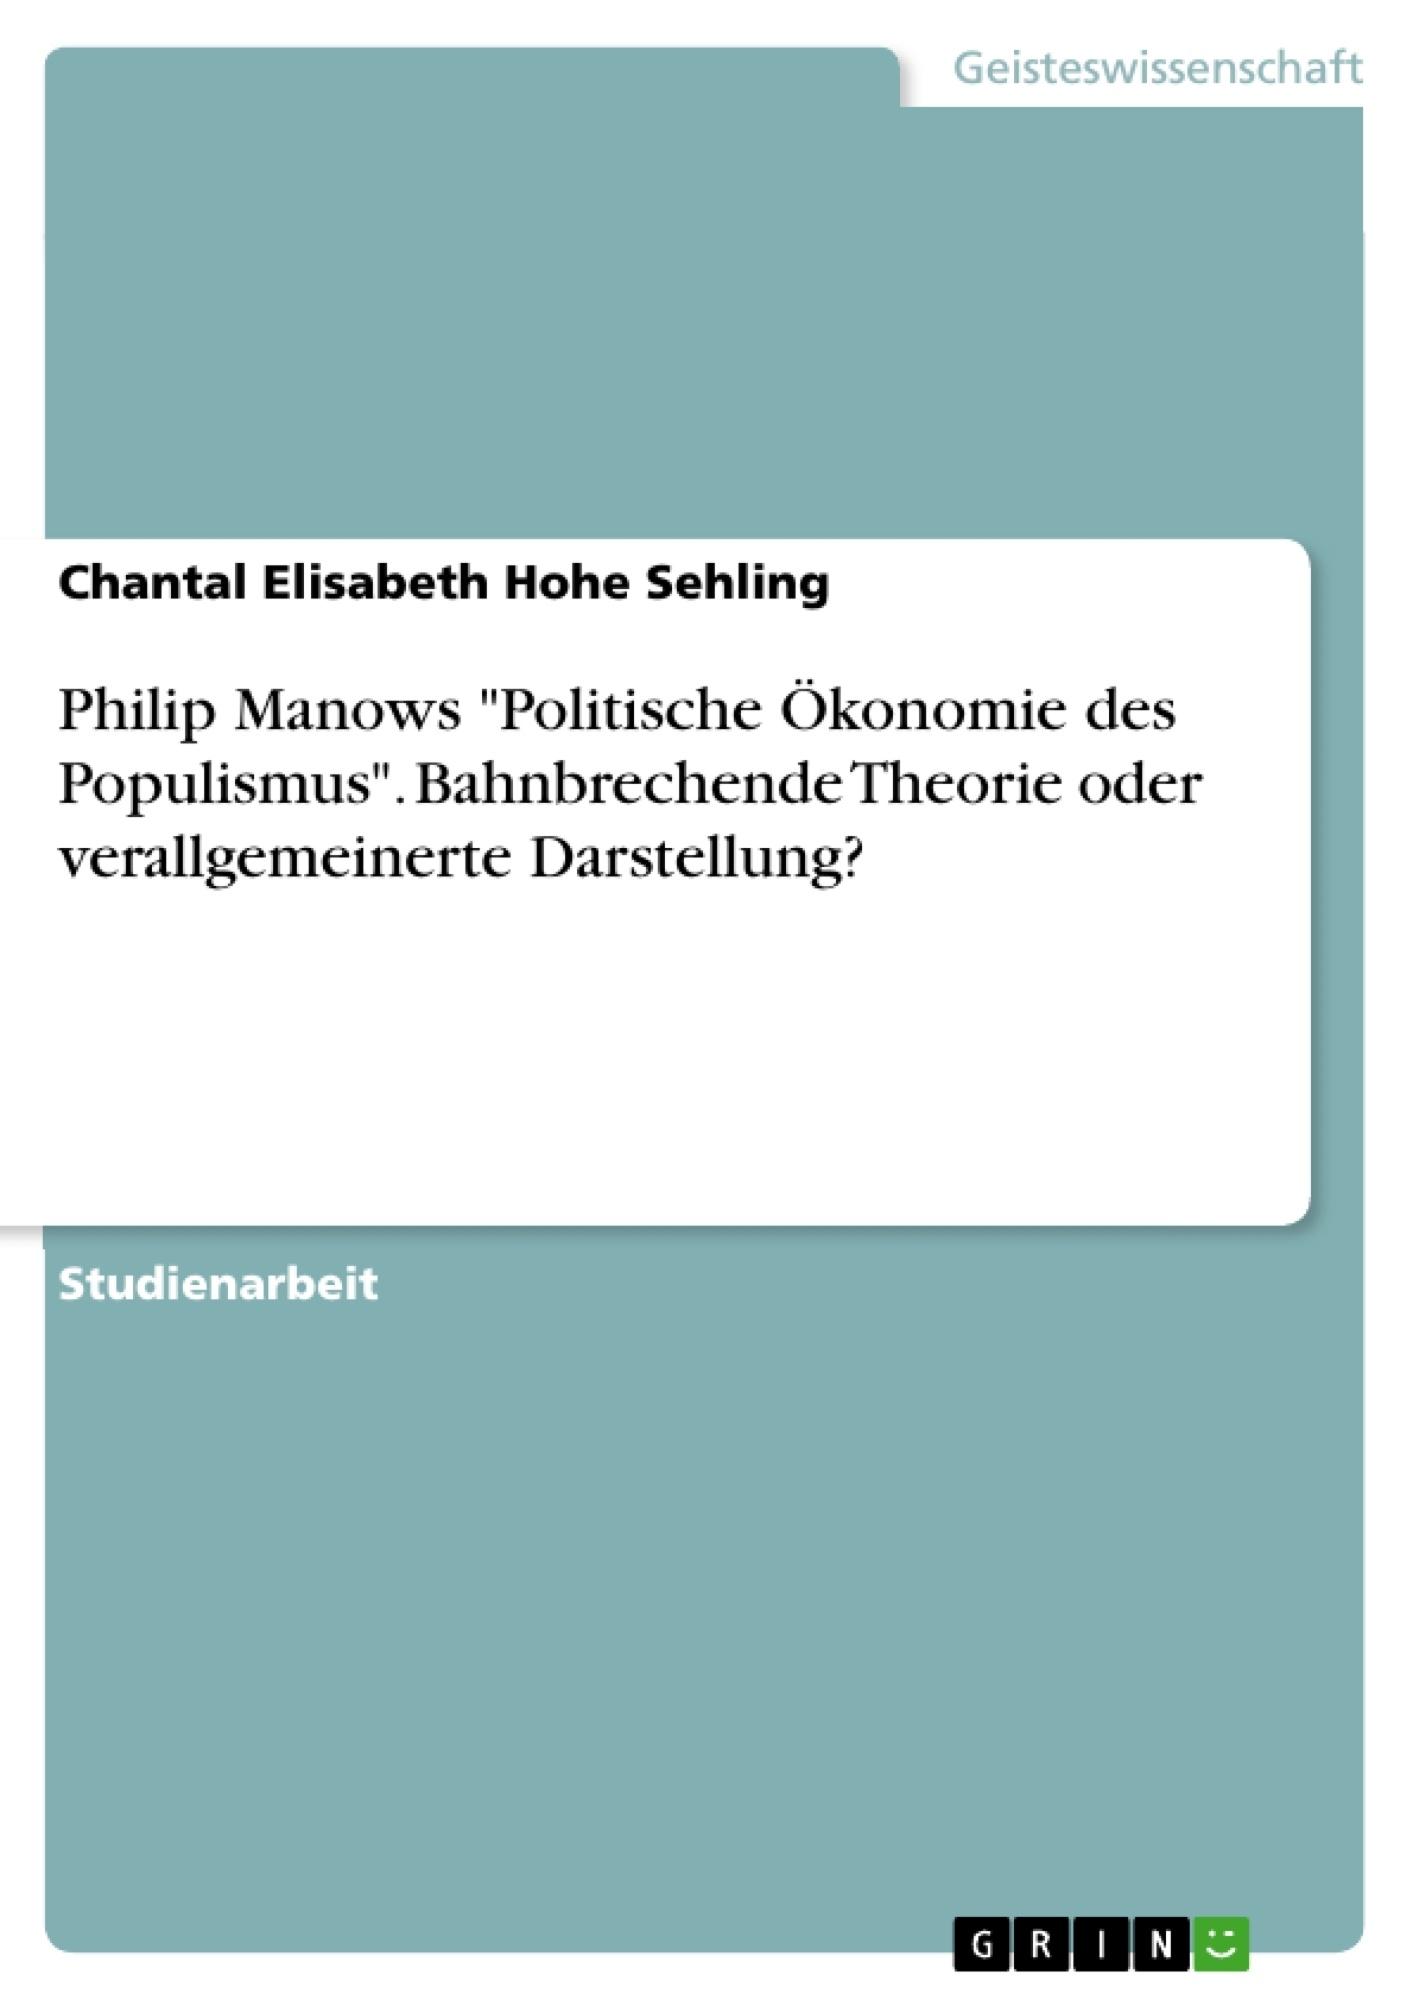 """Titel: Philip Manows """"Politische Ökonomie des Populismus"""". Bahnbrechende Theorie oder verallgemeinerte Darstellung?"""